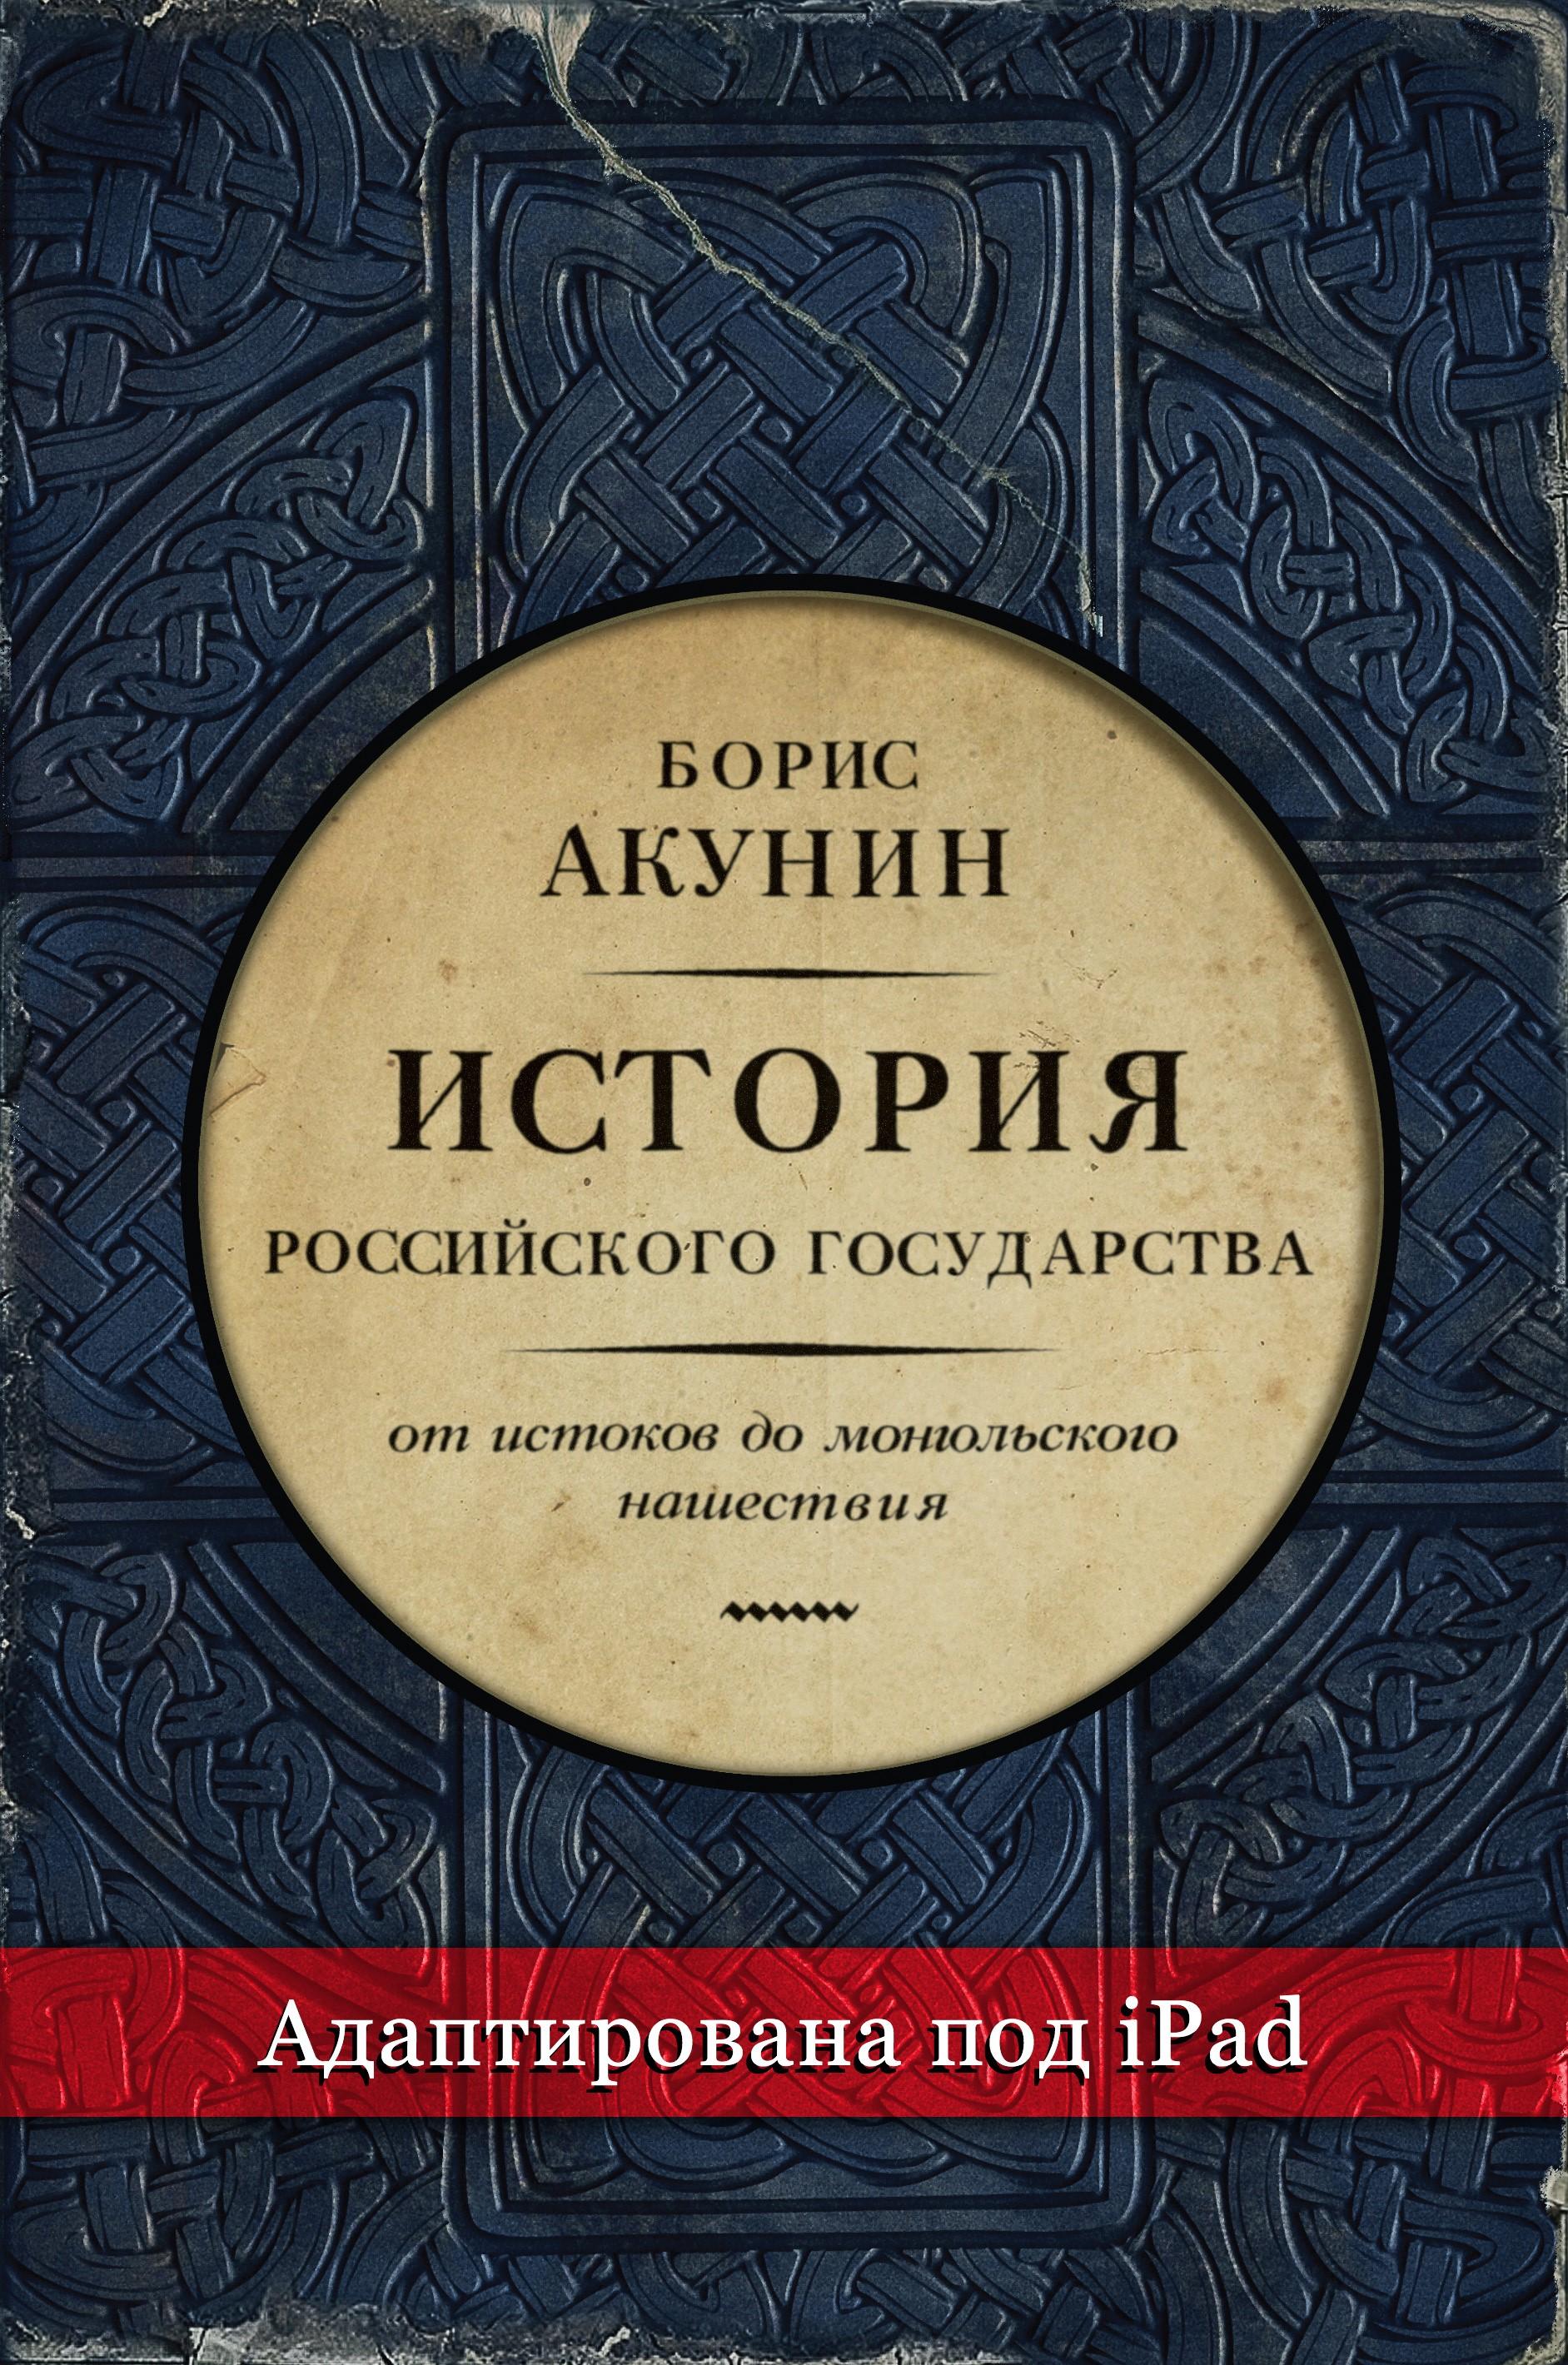 Часть Европы. История Российского государства. От истоков до монгольского нашествия (адаптирована под iPad)